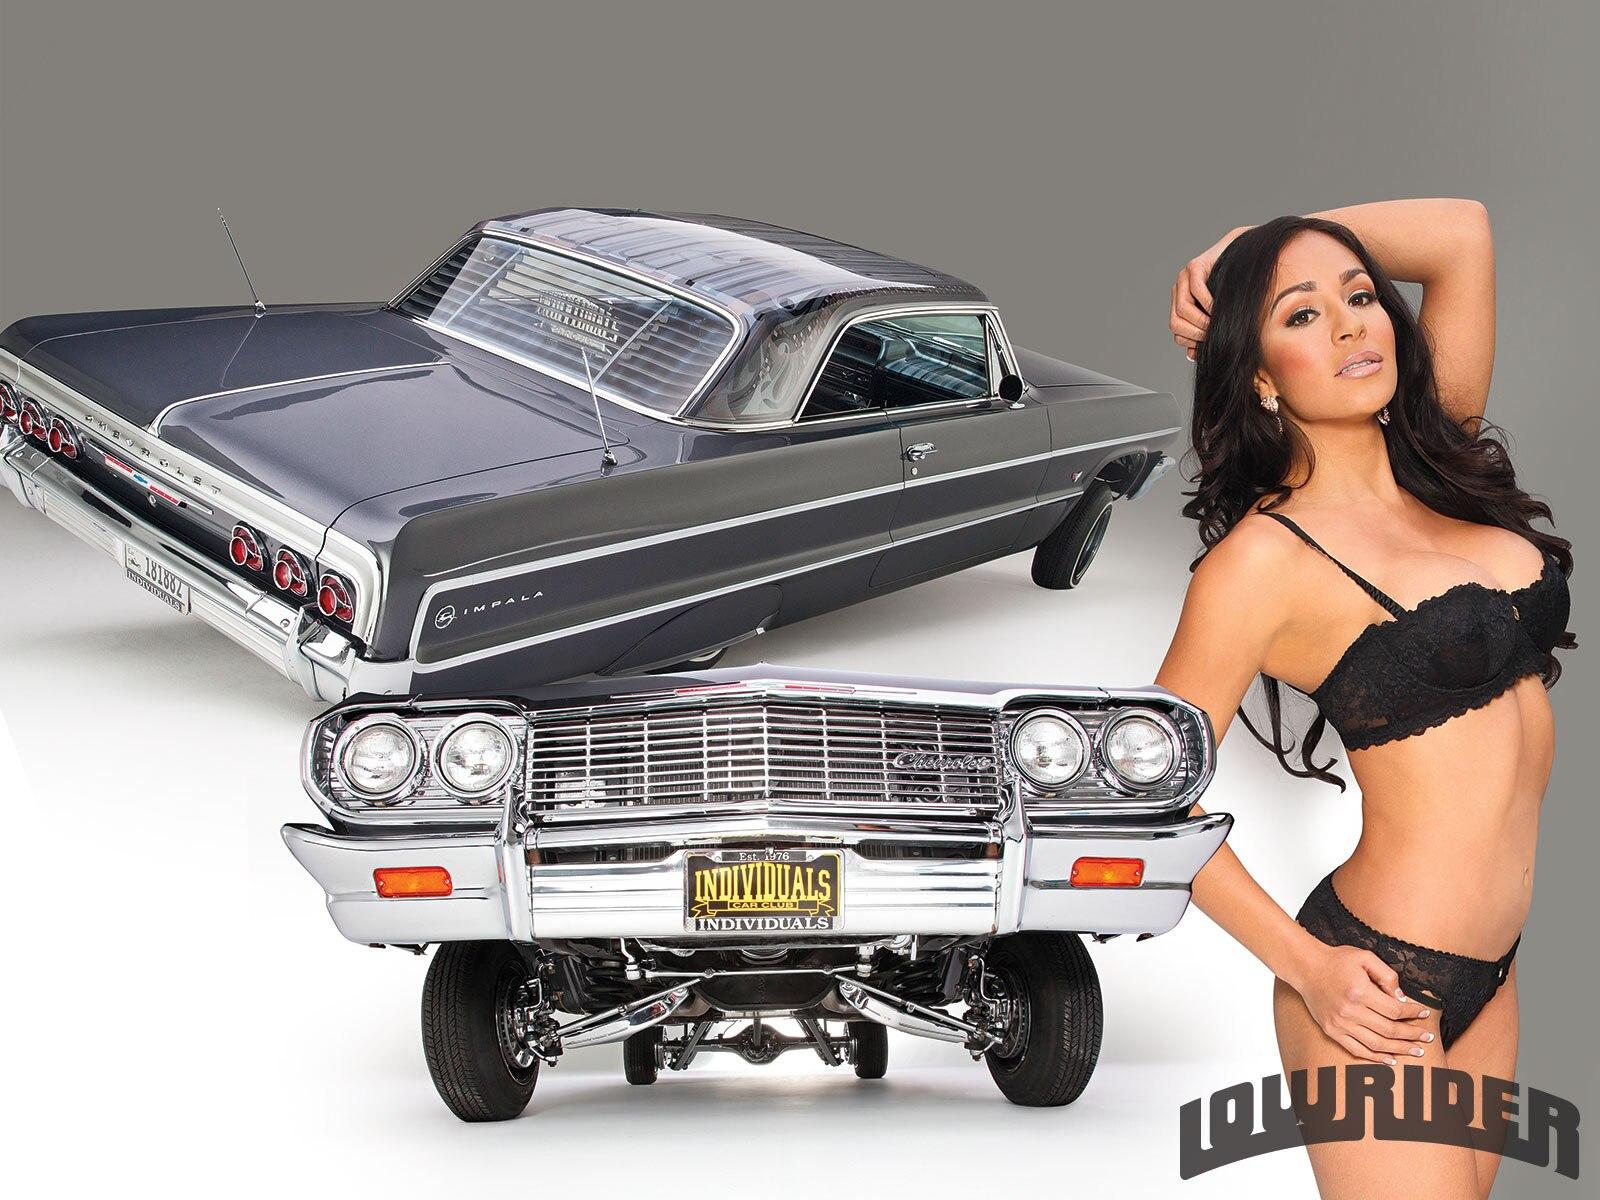 1964-chevrolet-impala-model-martha-aguiar